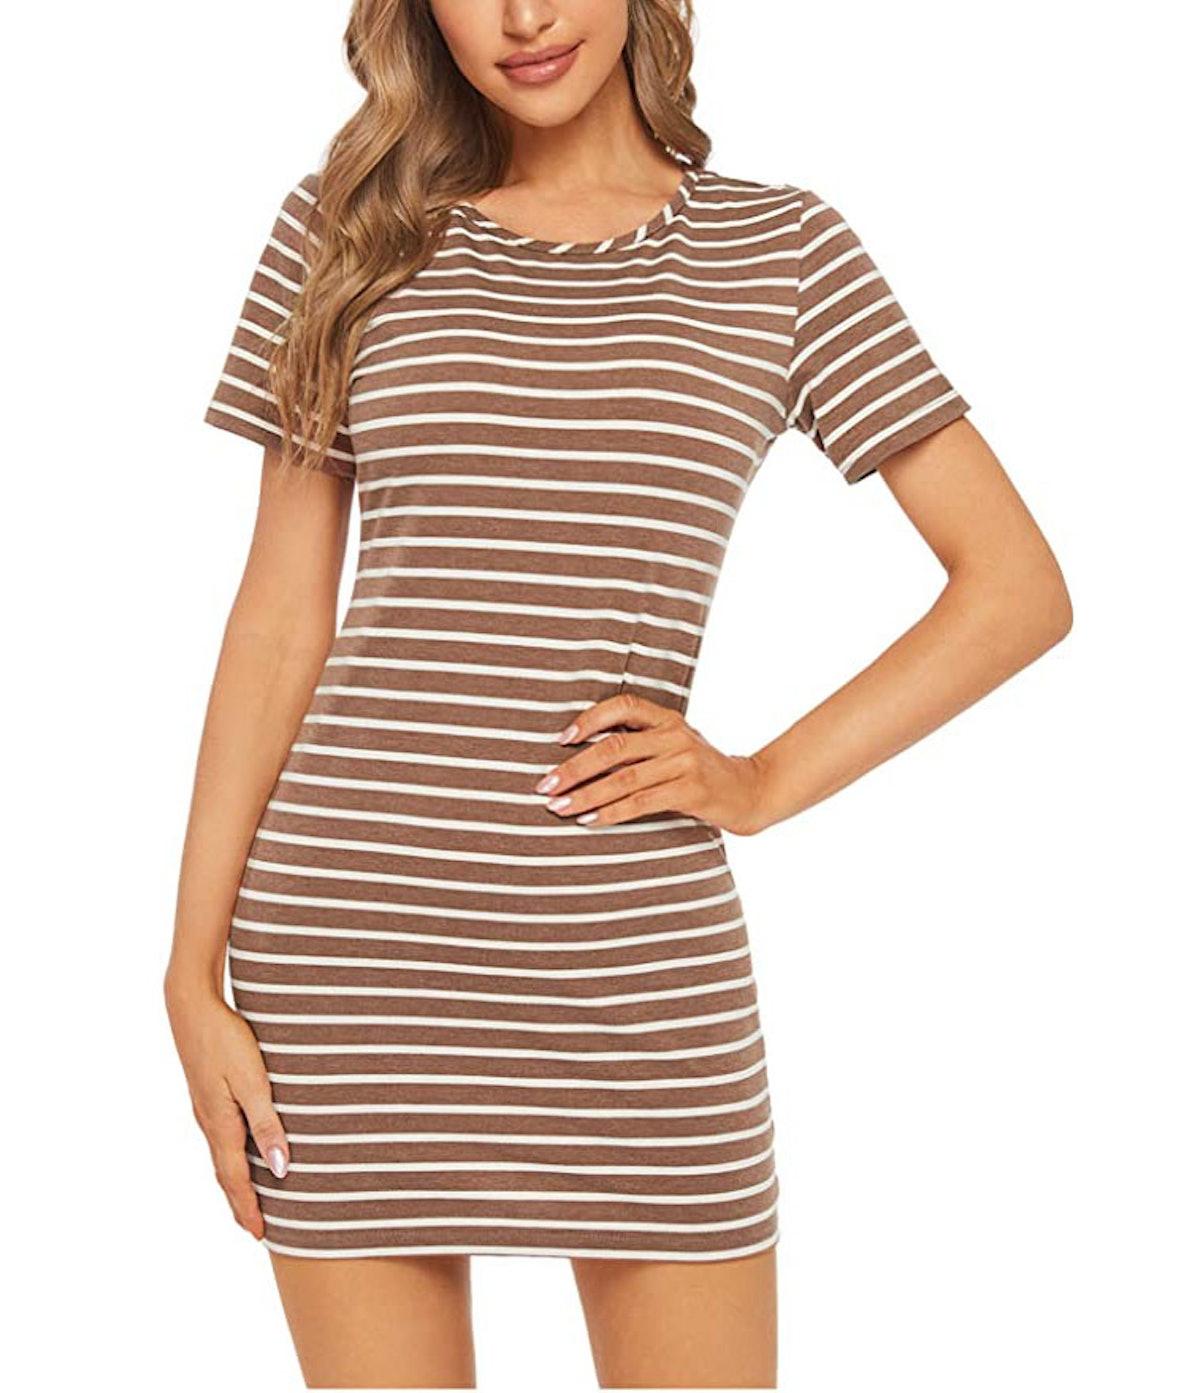 Floerns Striped Mini Dress